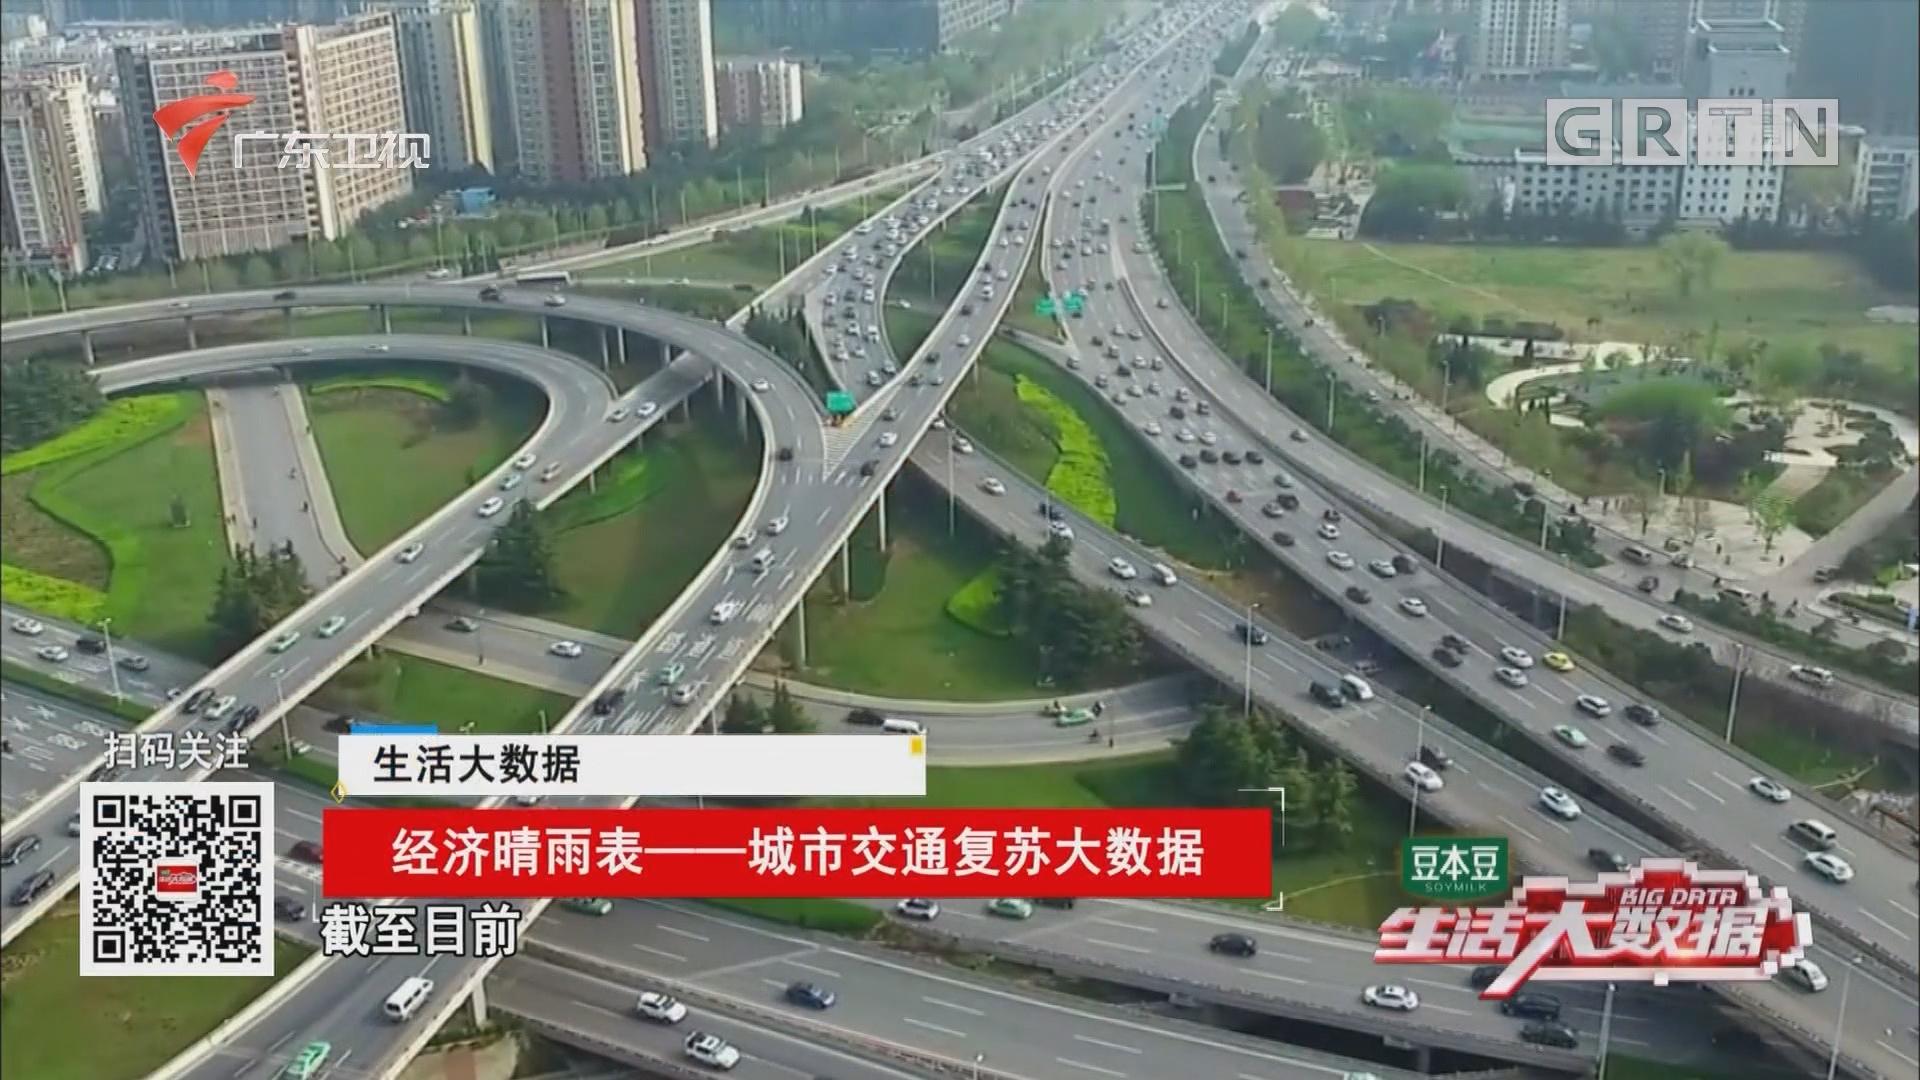 经济晴雨表——城市交通复苏大数据